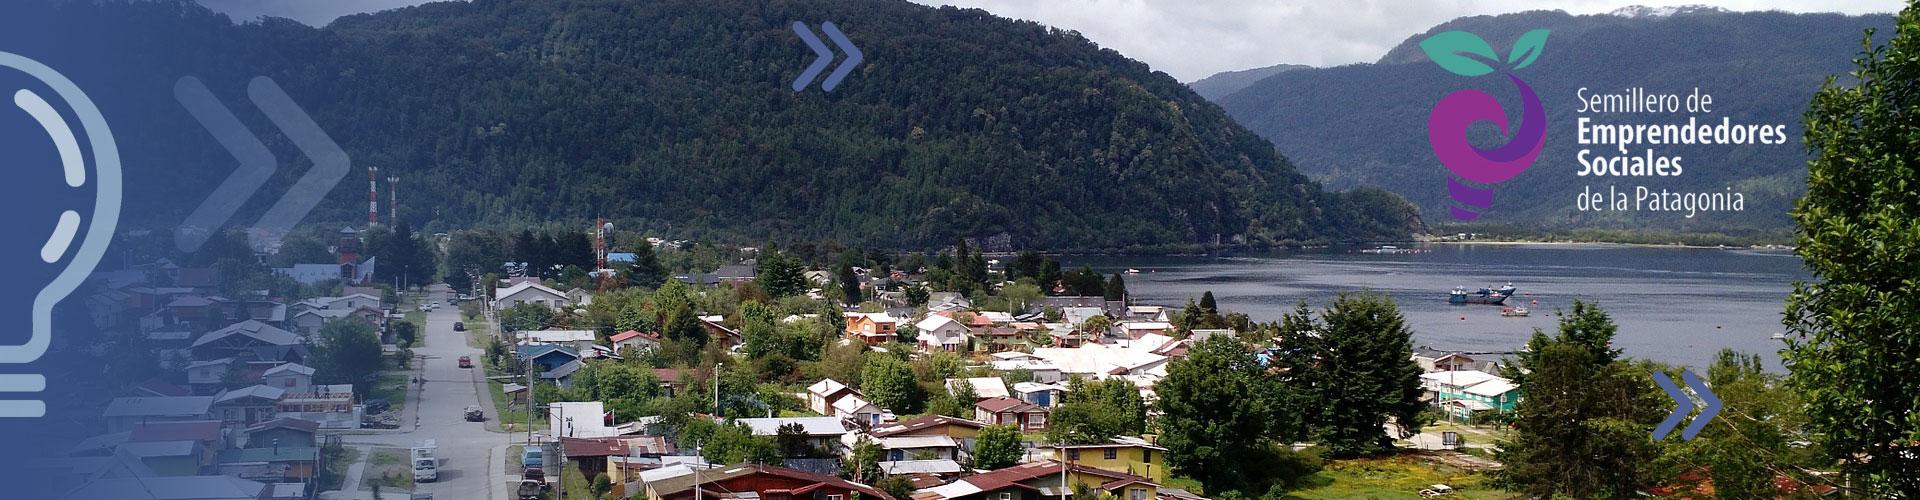 Postula a la 2ª Convocatoria Programa Semillero de Emprendedores de la Patagonia